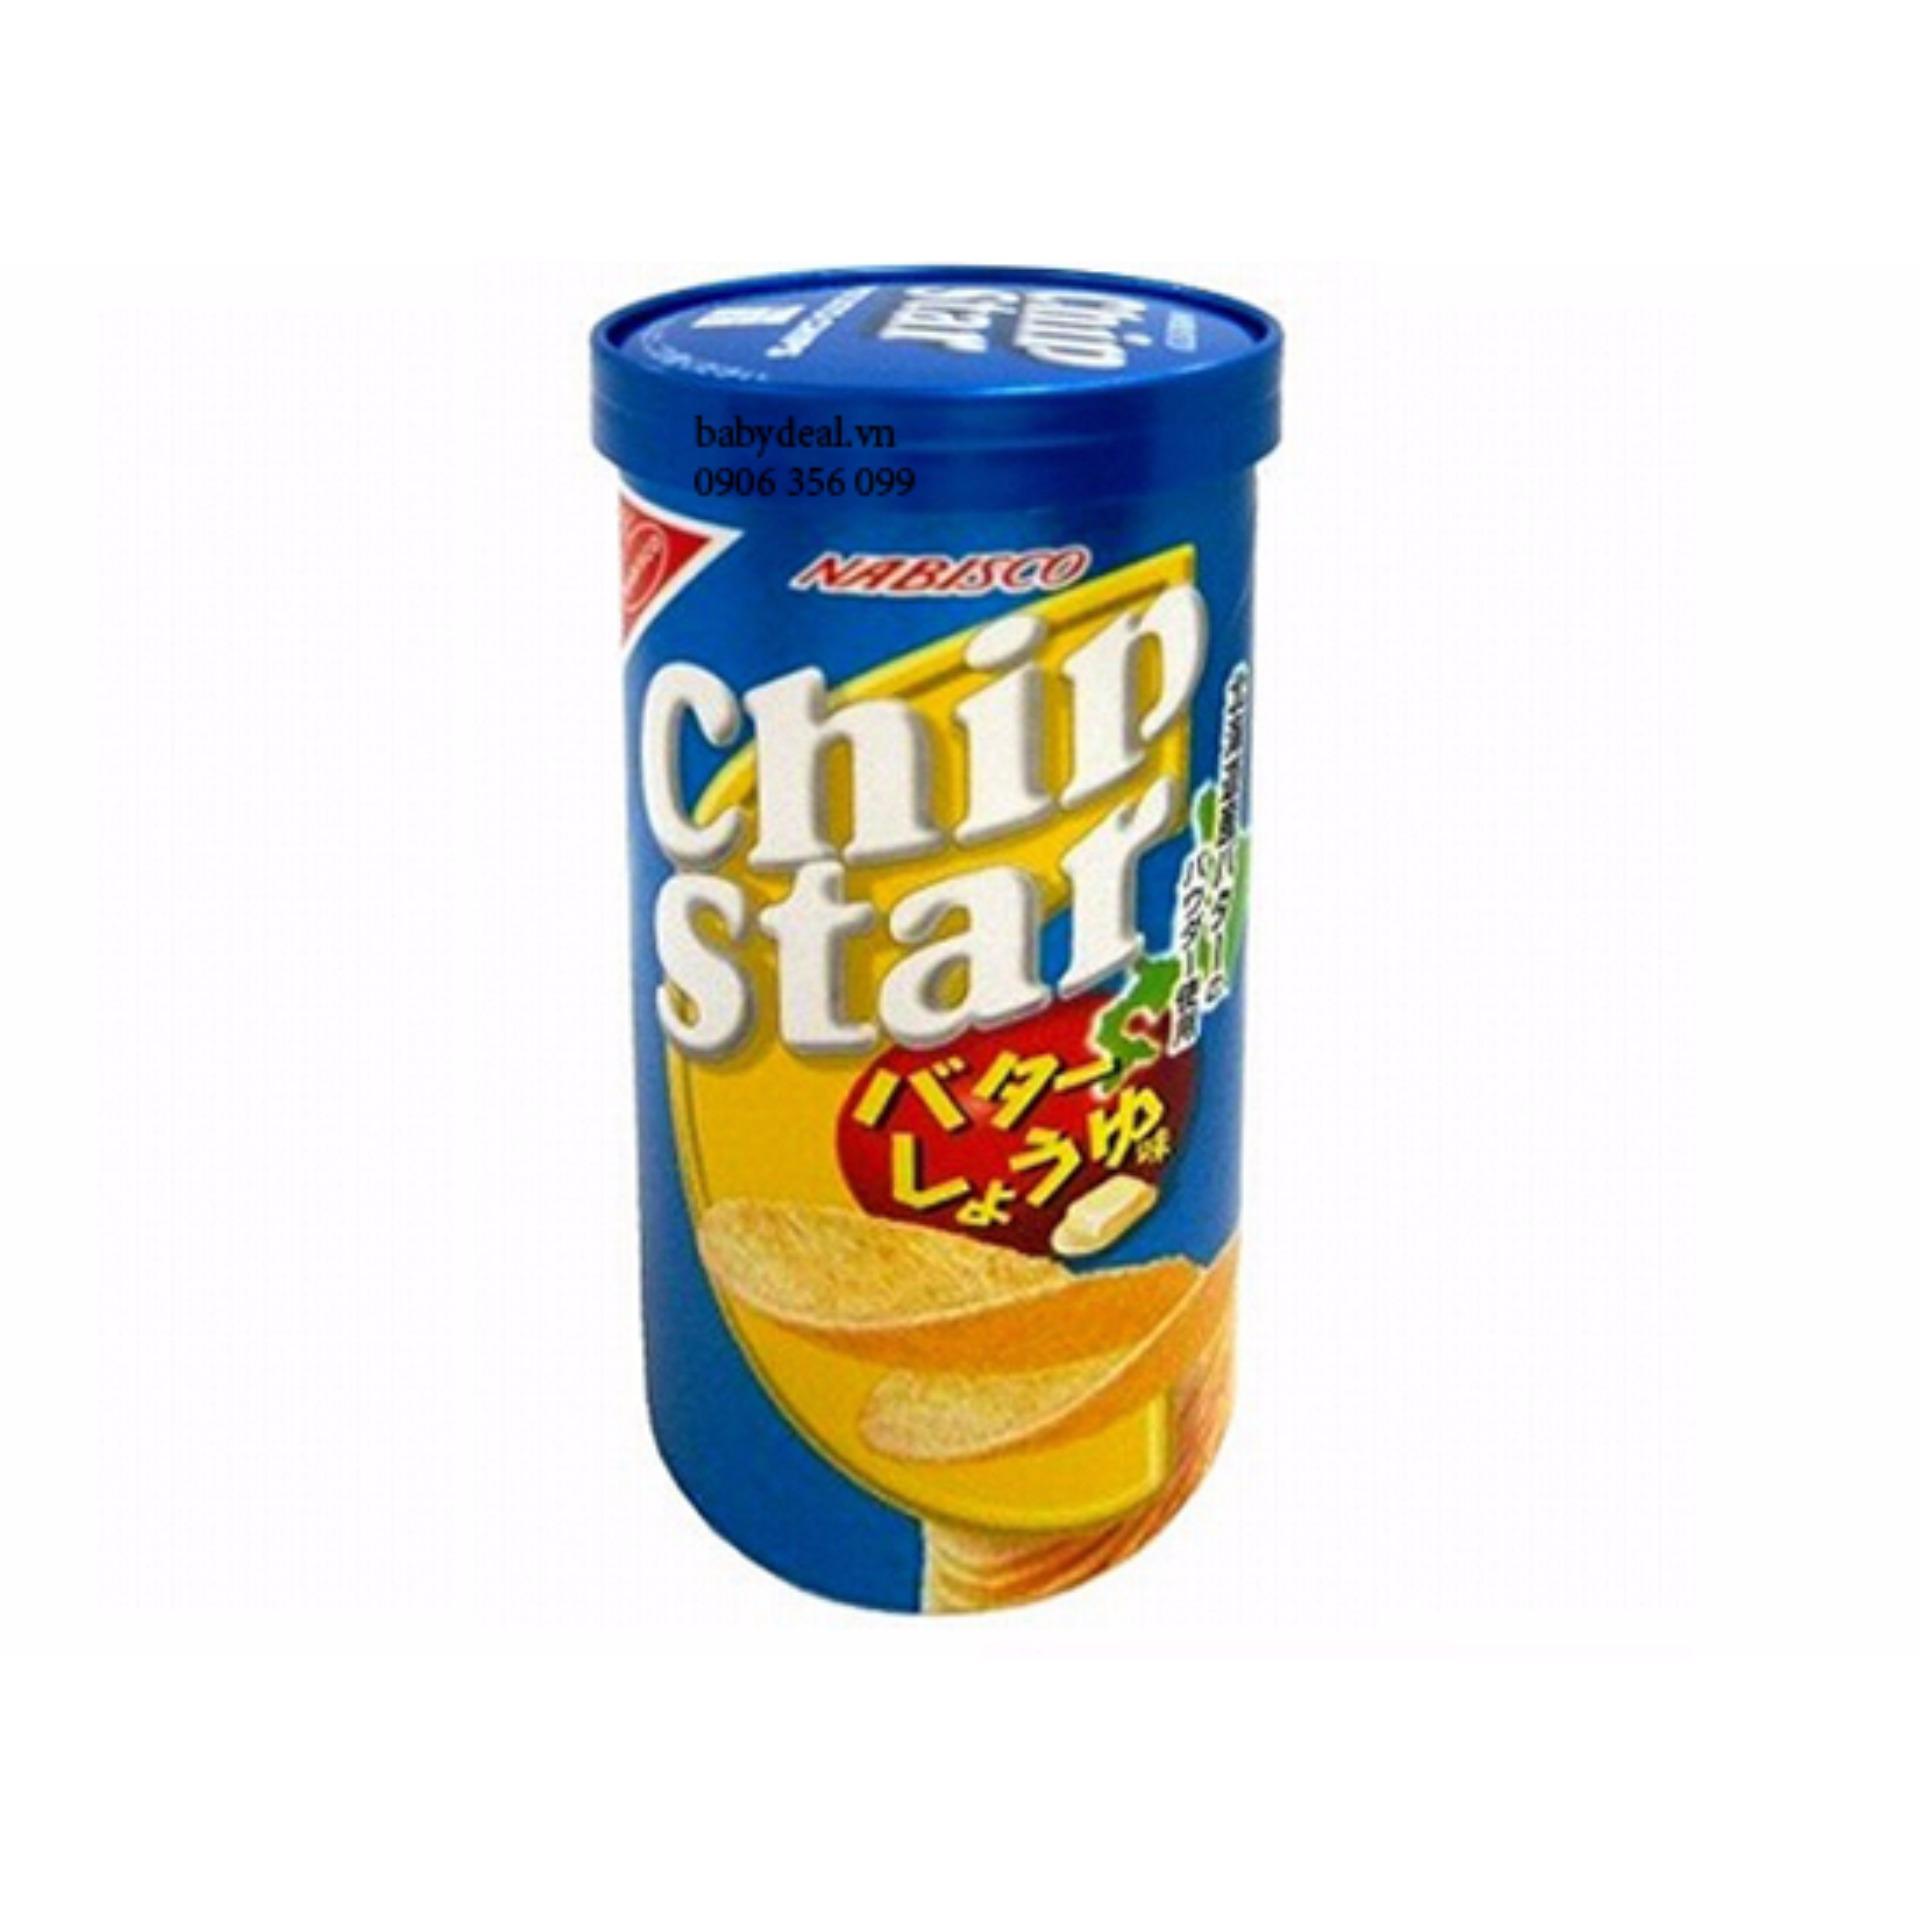 Nơi mua bánh snack chip star BNCS04